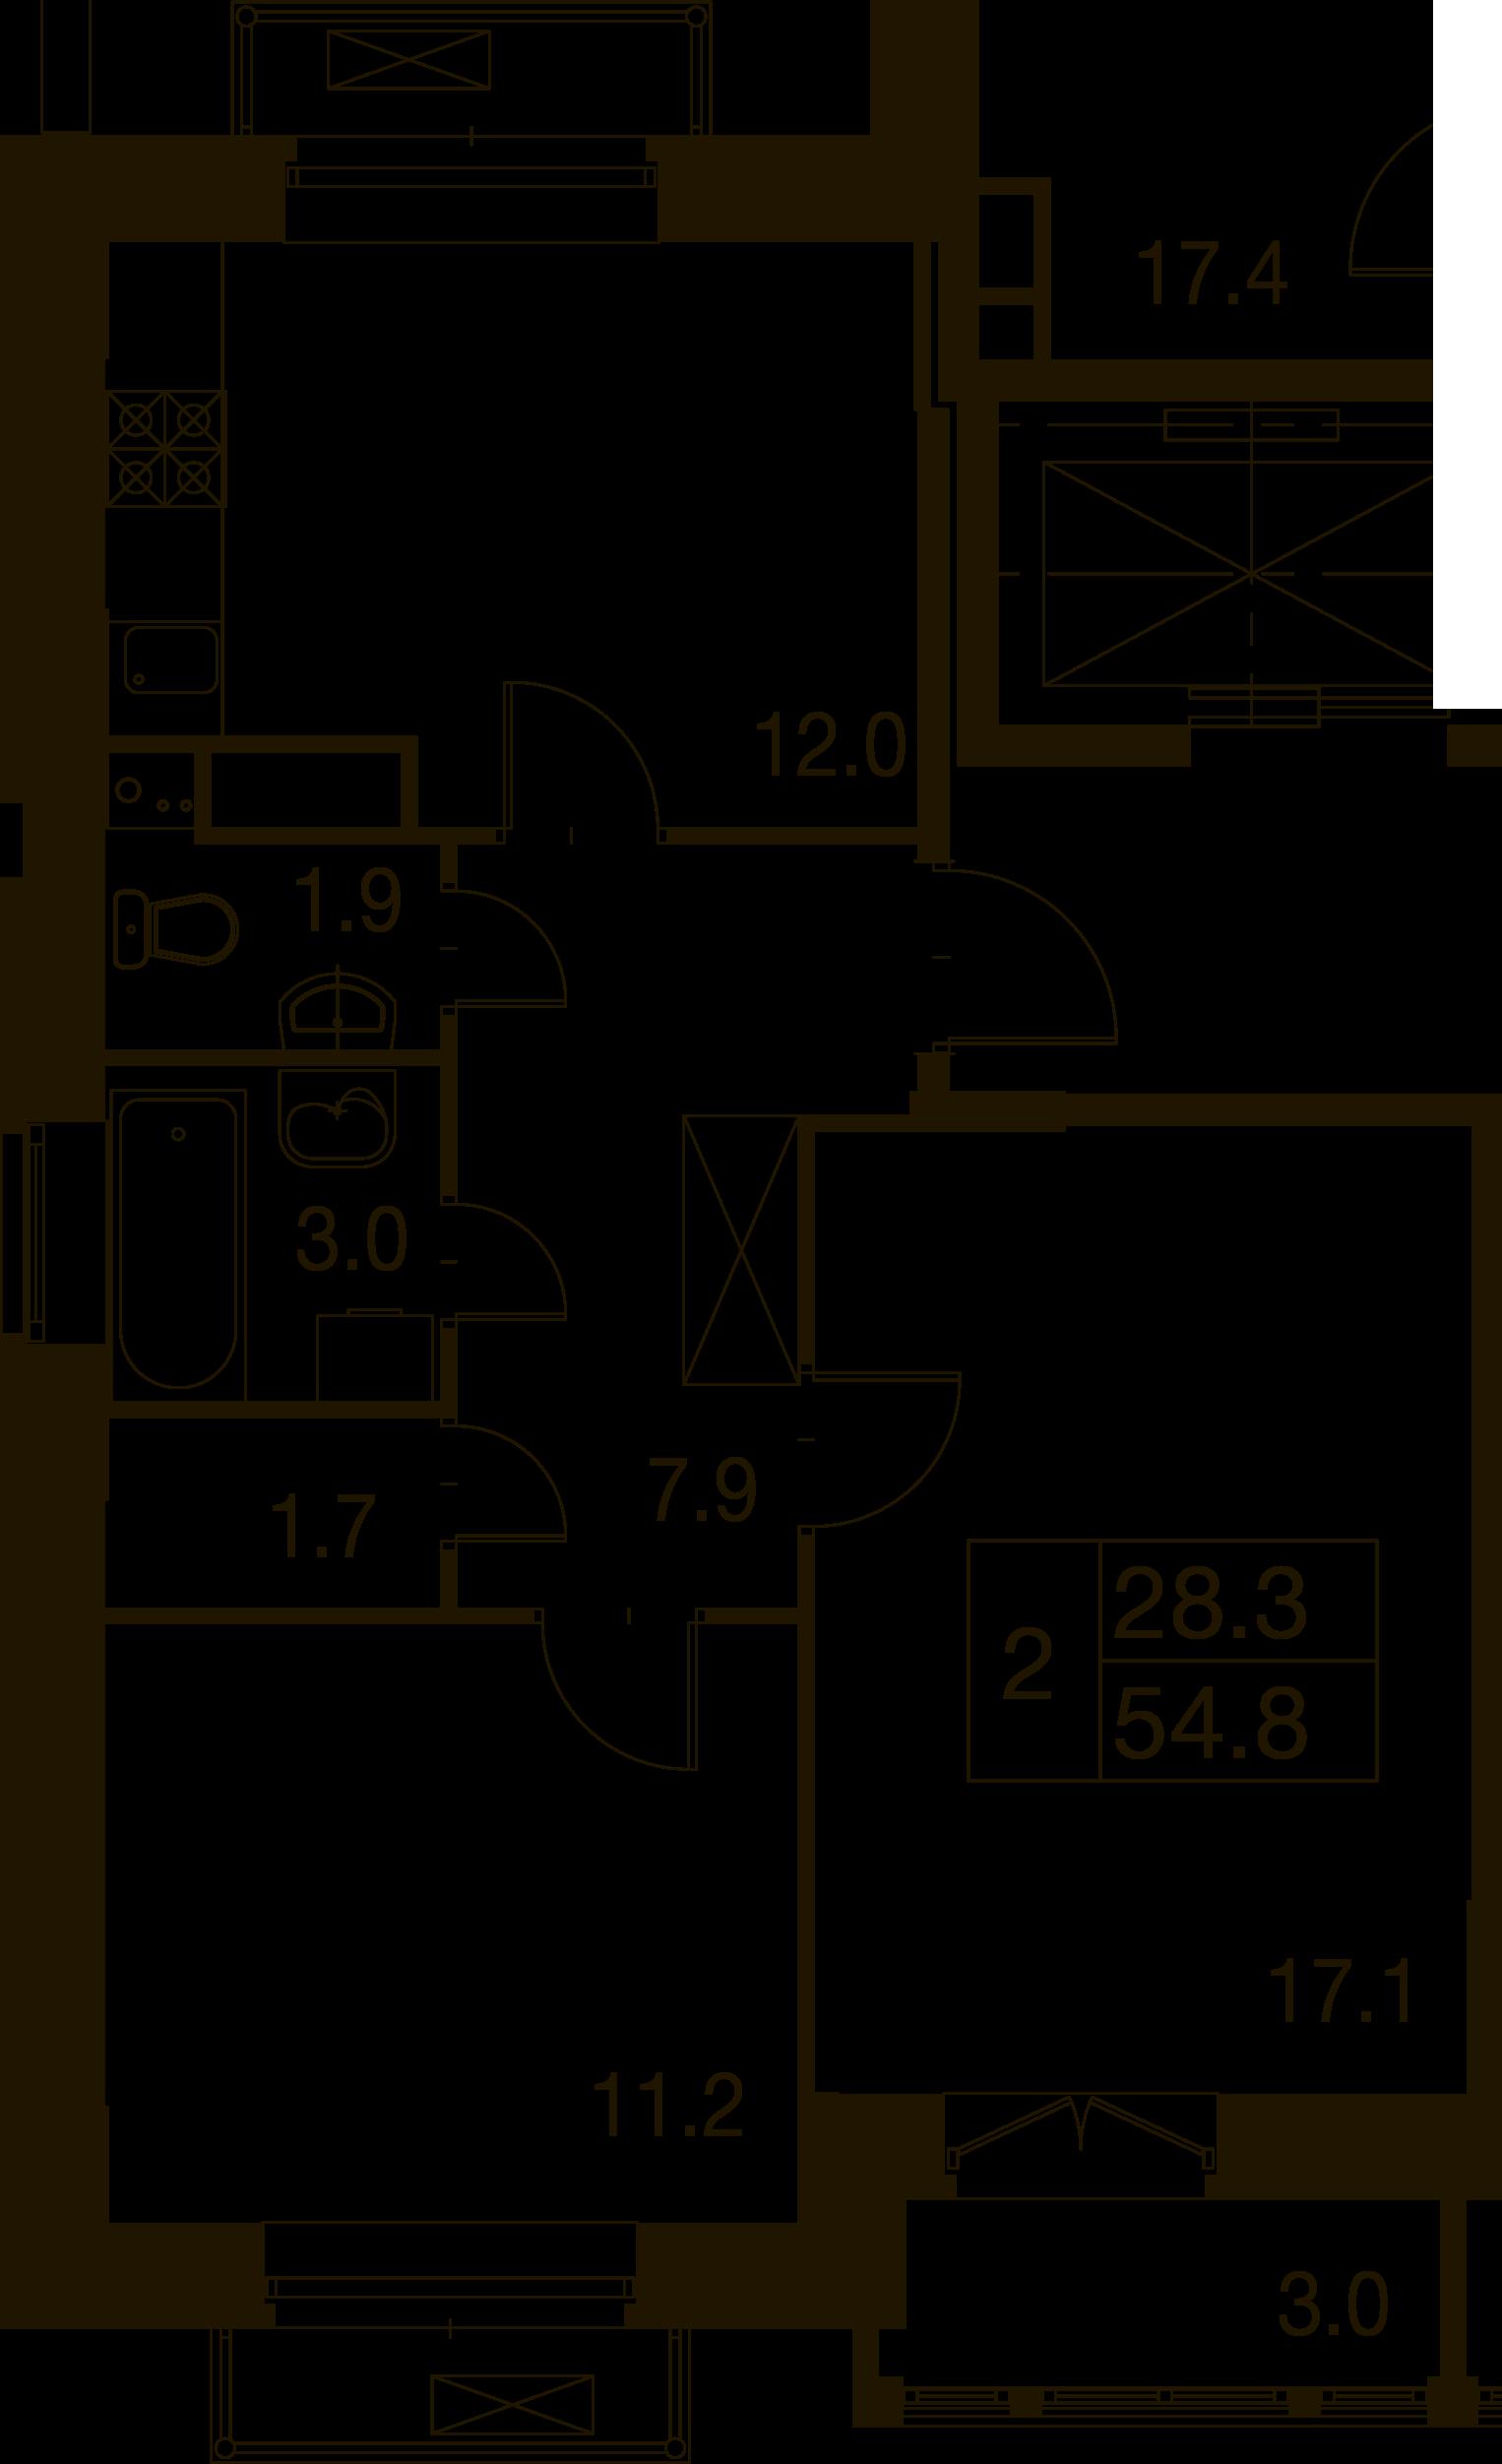 2-комнатная квартира в Митино О2, дом №7, квартира №07-038